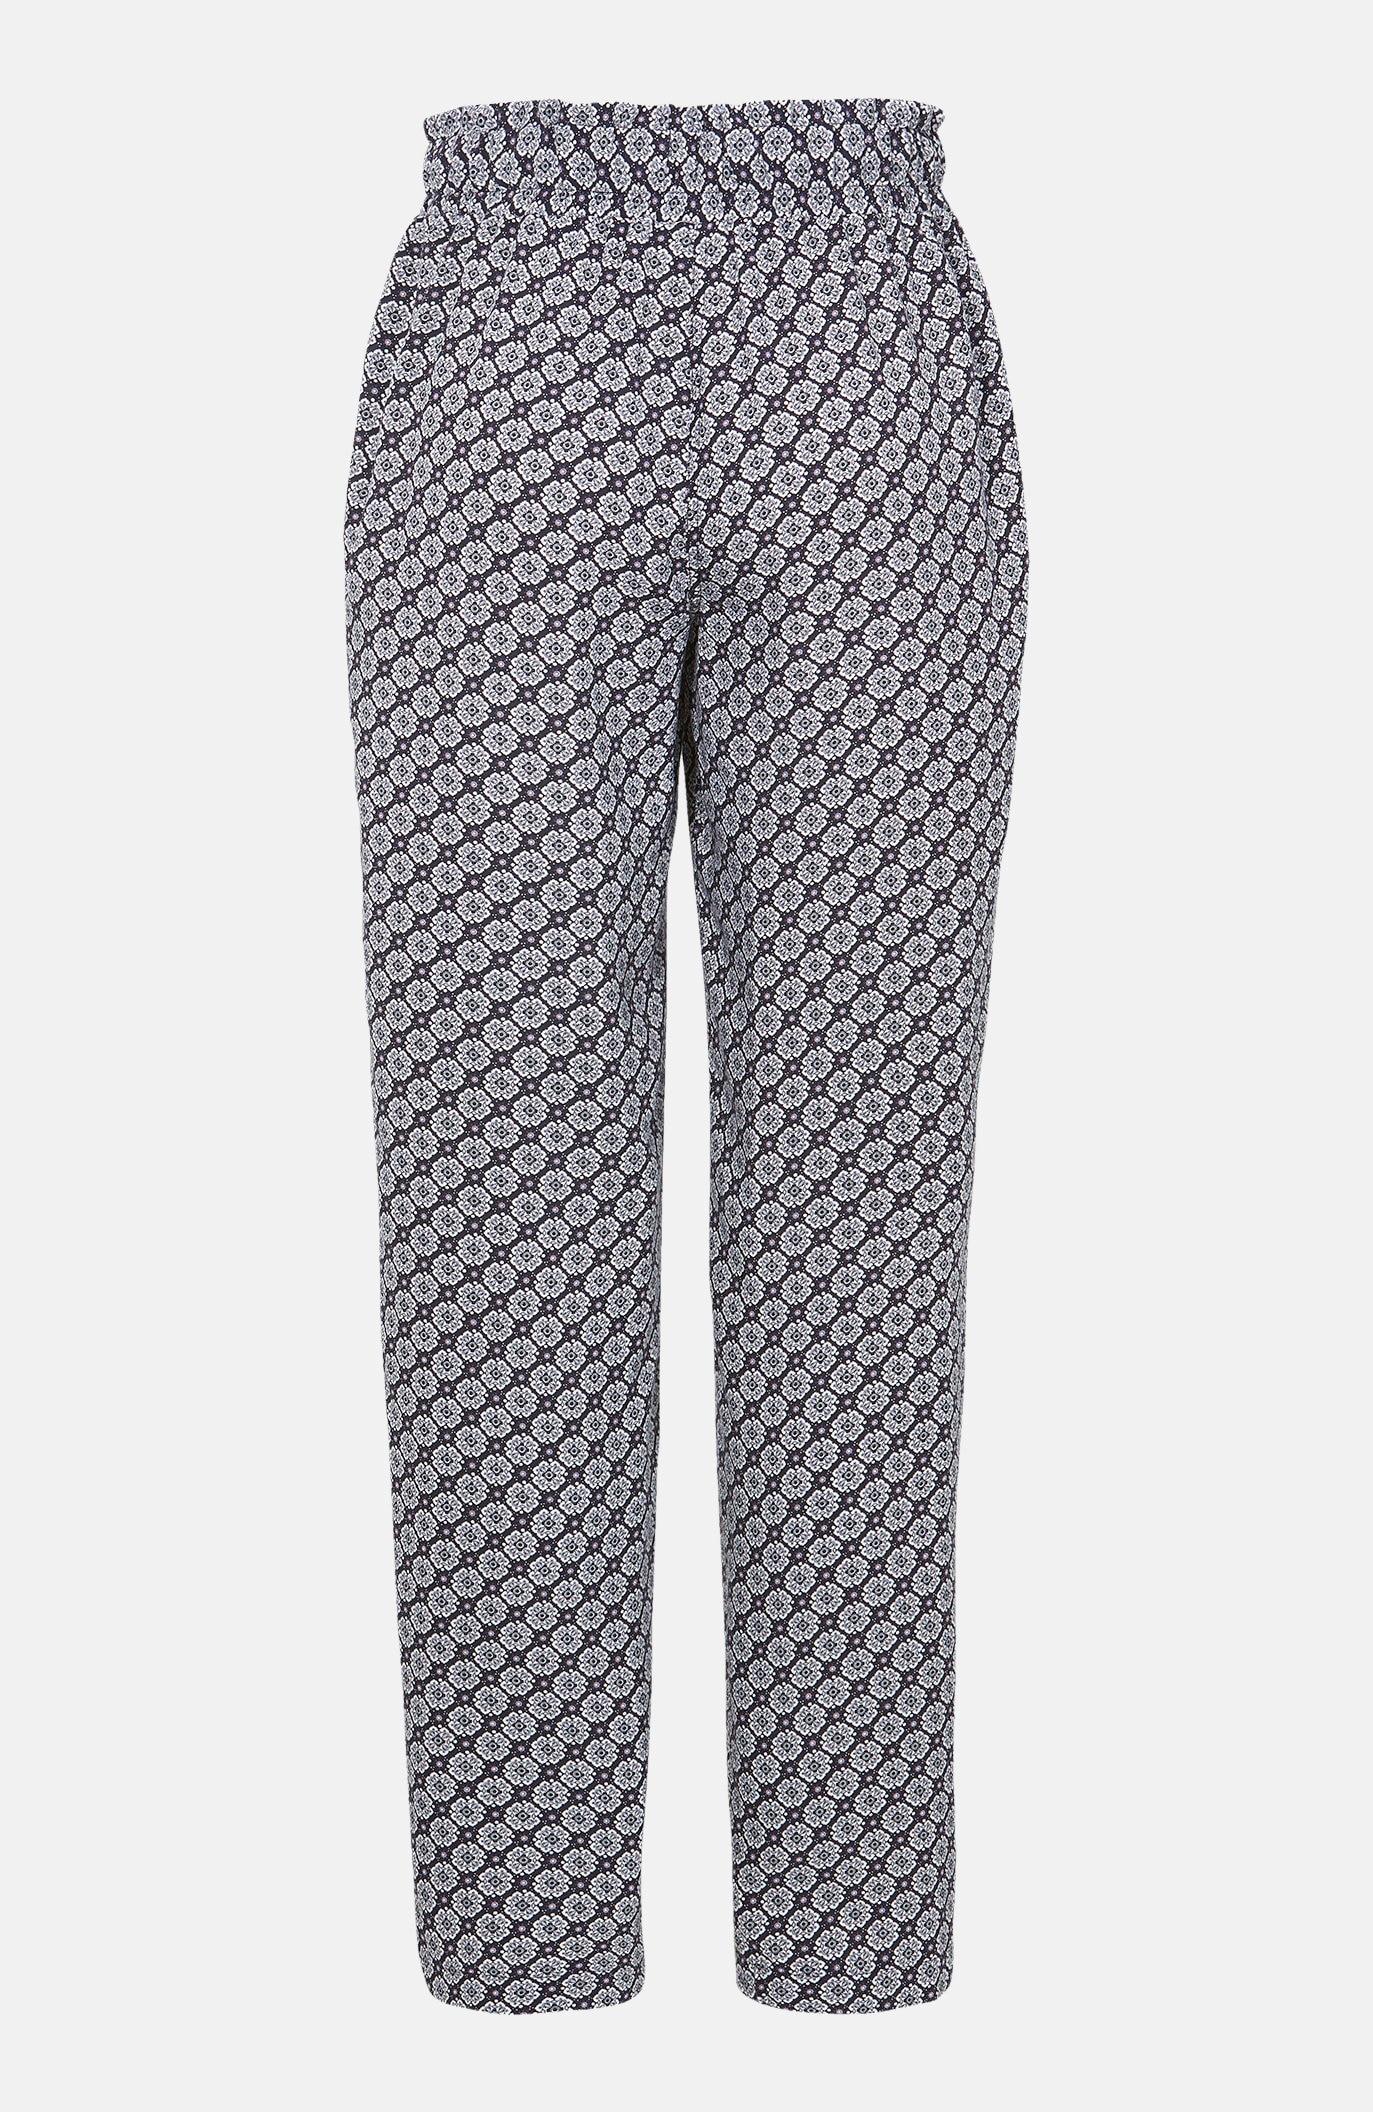 Szerokie, wzorzyste spodnie